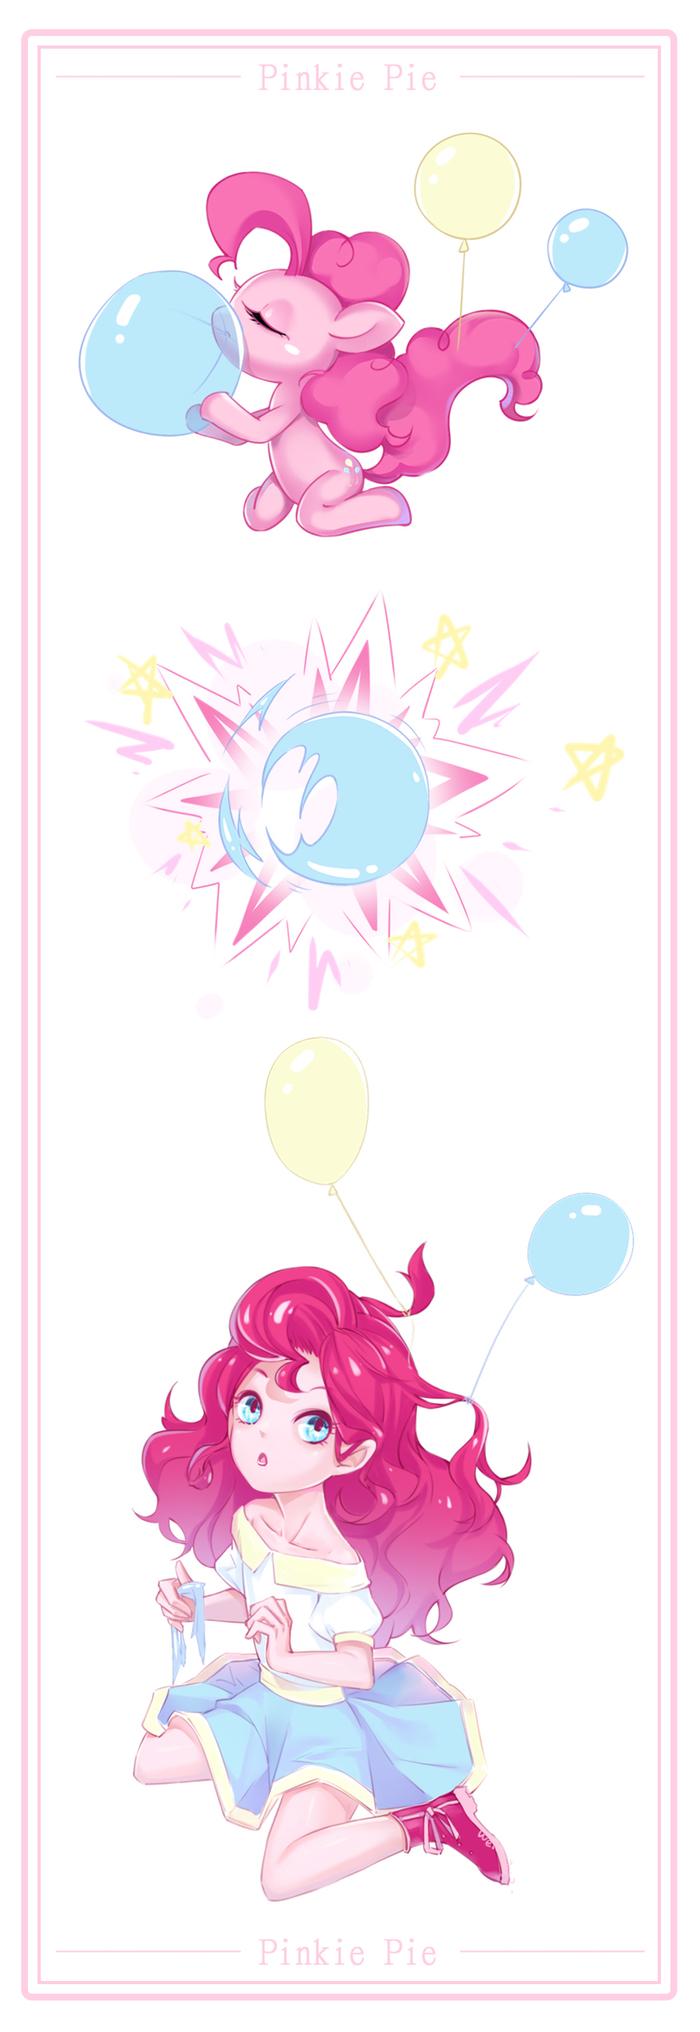 Пуфф My Little Pony, Pinkie Pie, Хуманизация, Spooo, Длиннопост